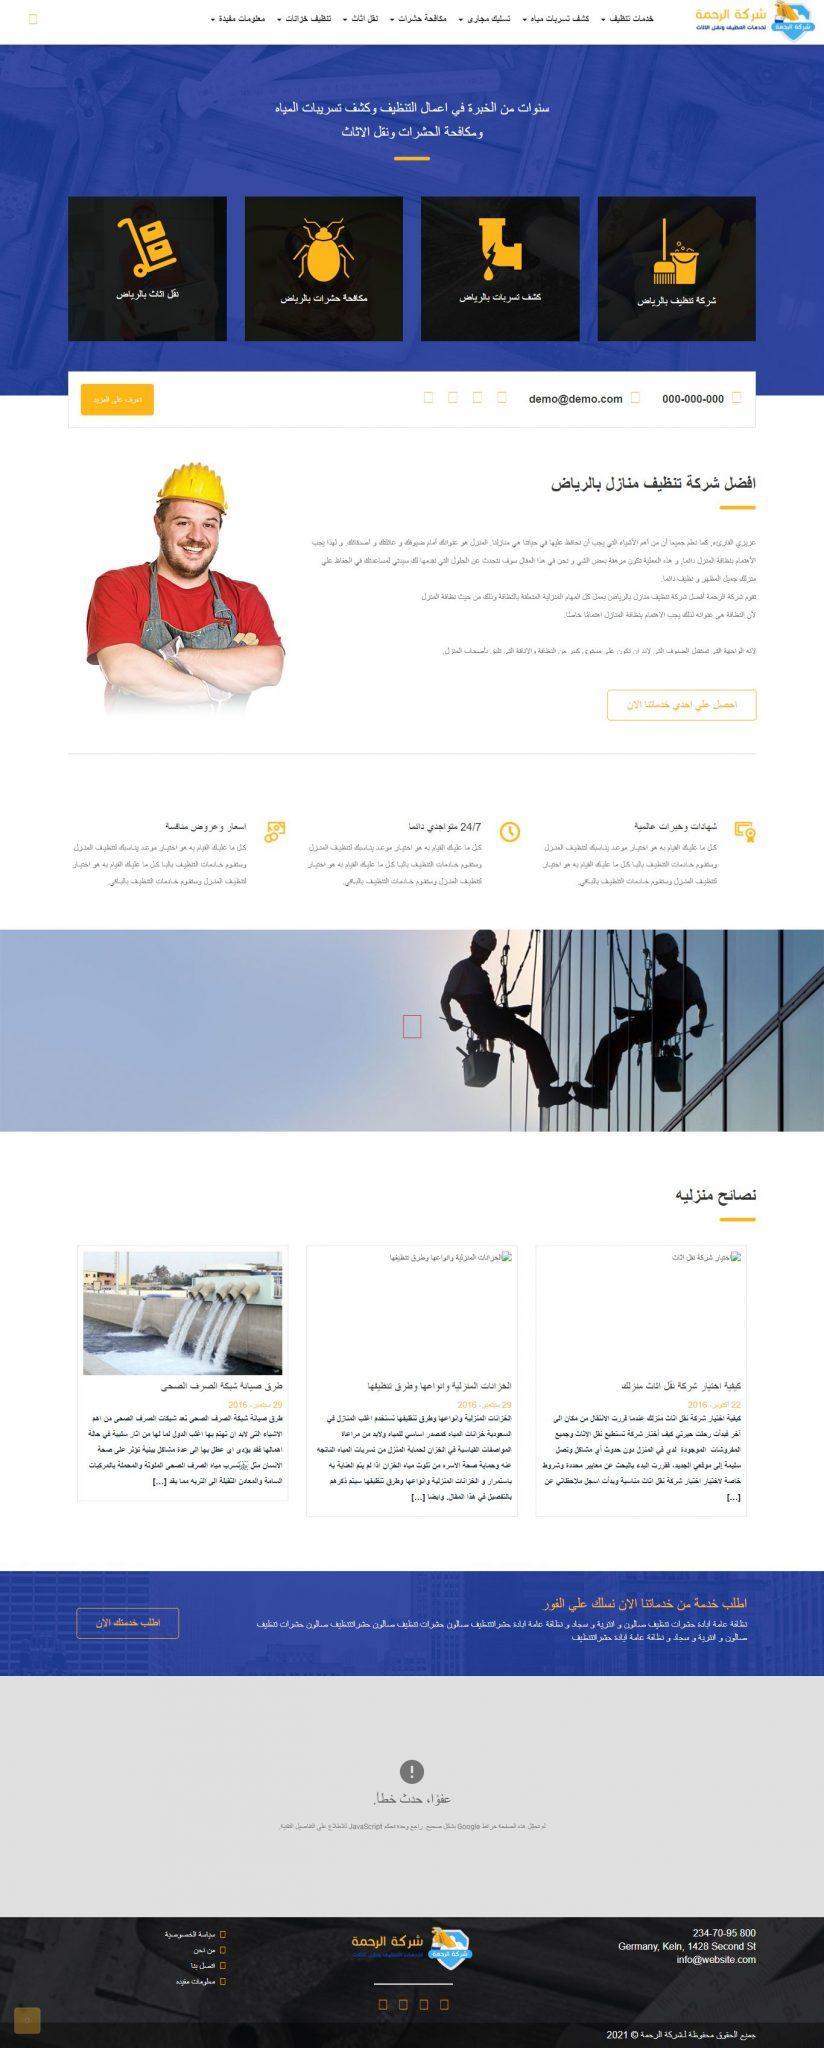 تصميم موقع الرحمة لخدمات التنظيف ونقل الاثاث